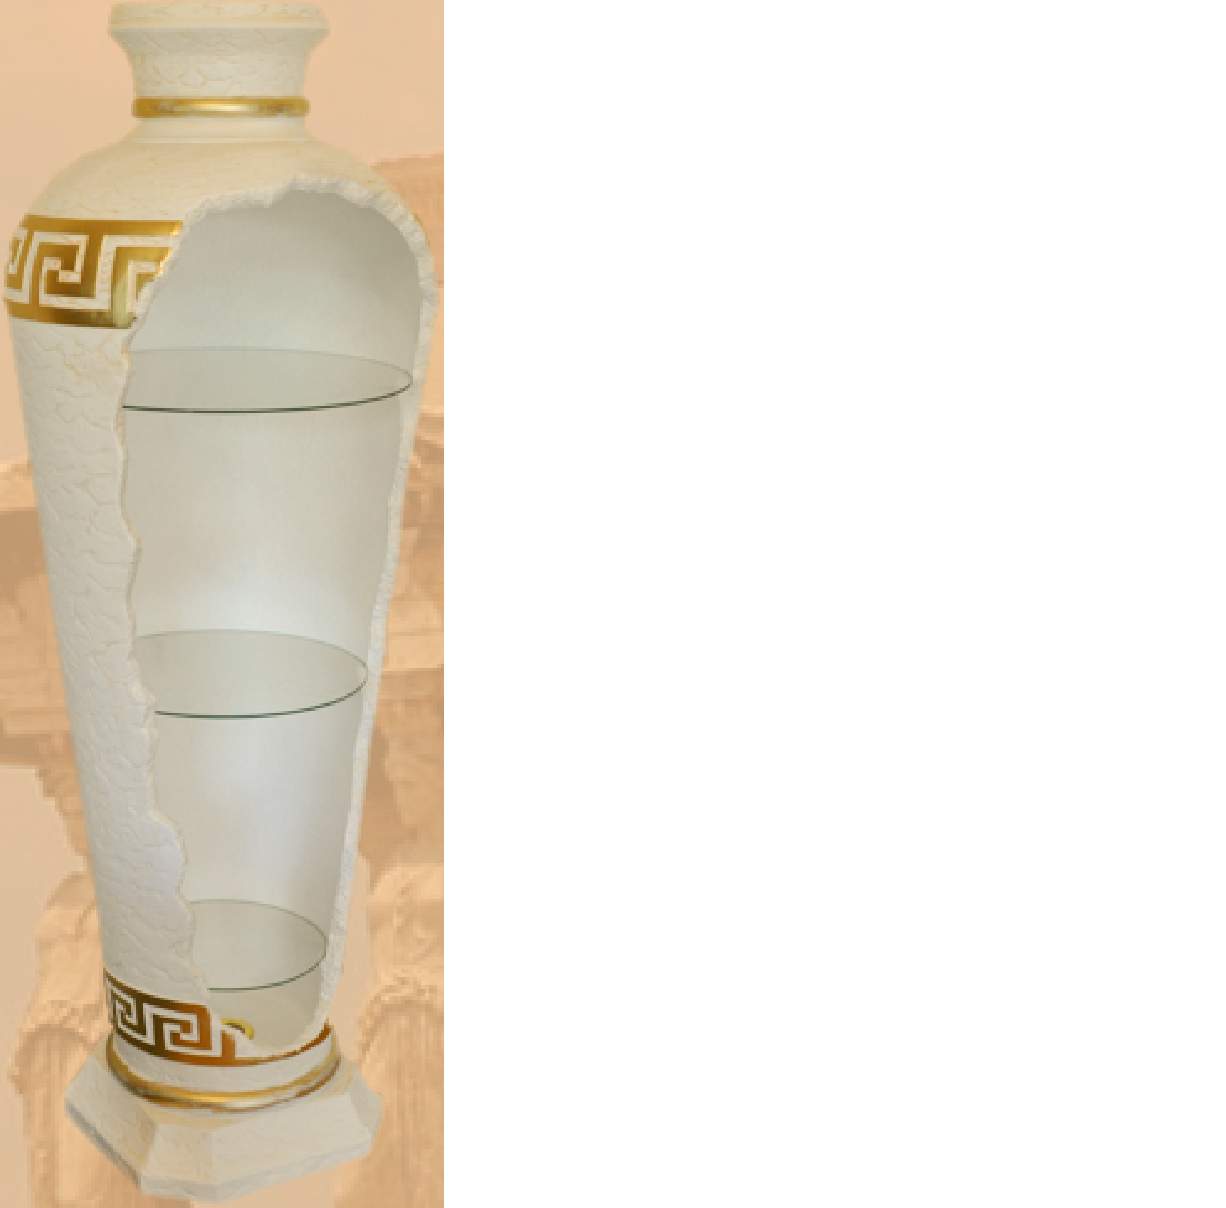 Design Bar vasenbar étagère Verre Lampe Vase Armoire vitrine 6966 nouveau